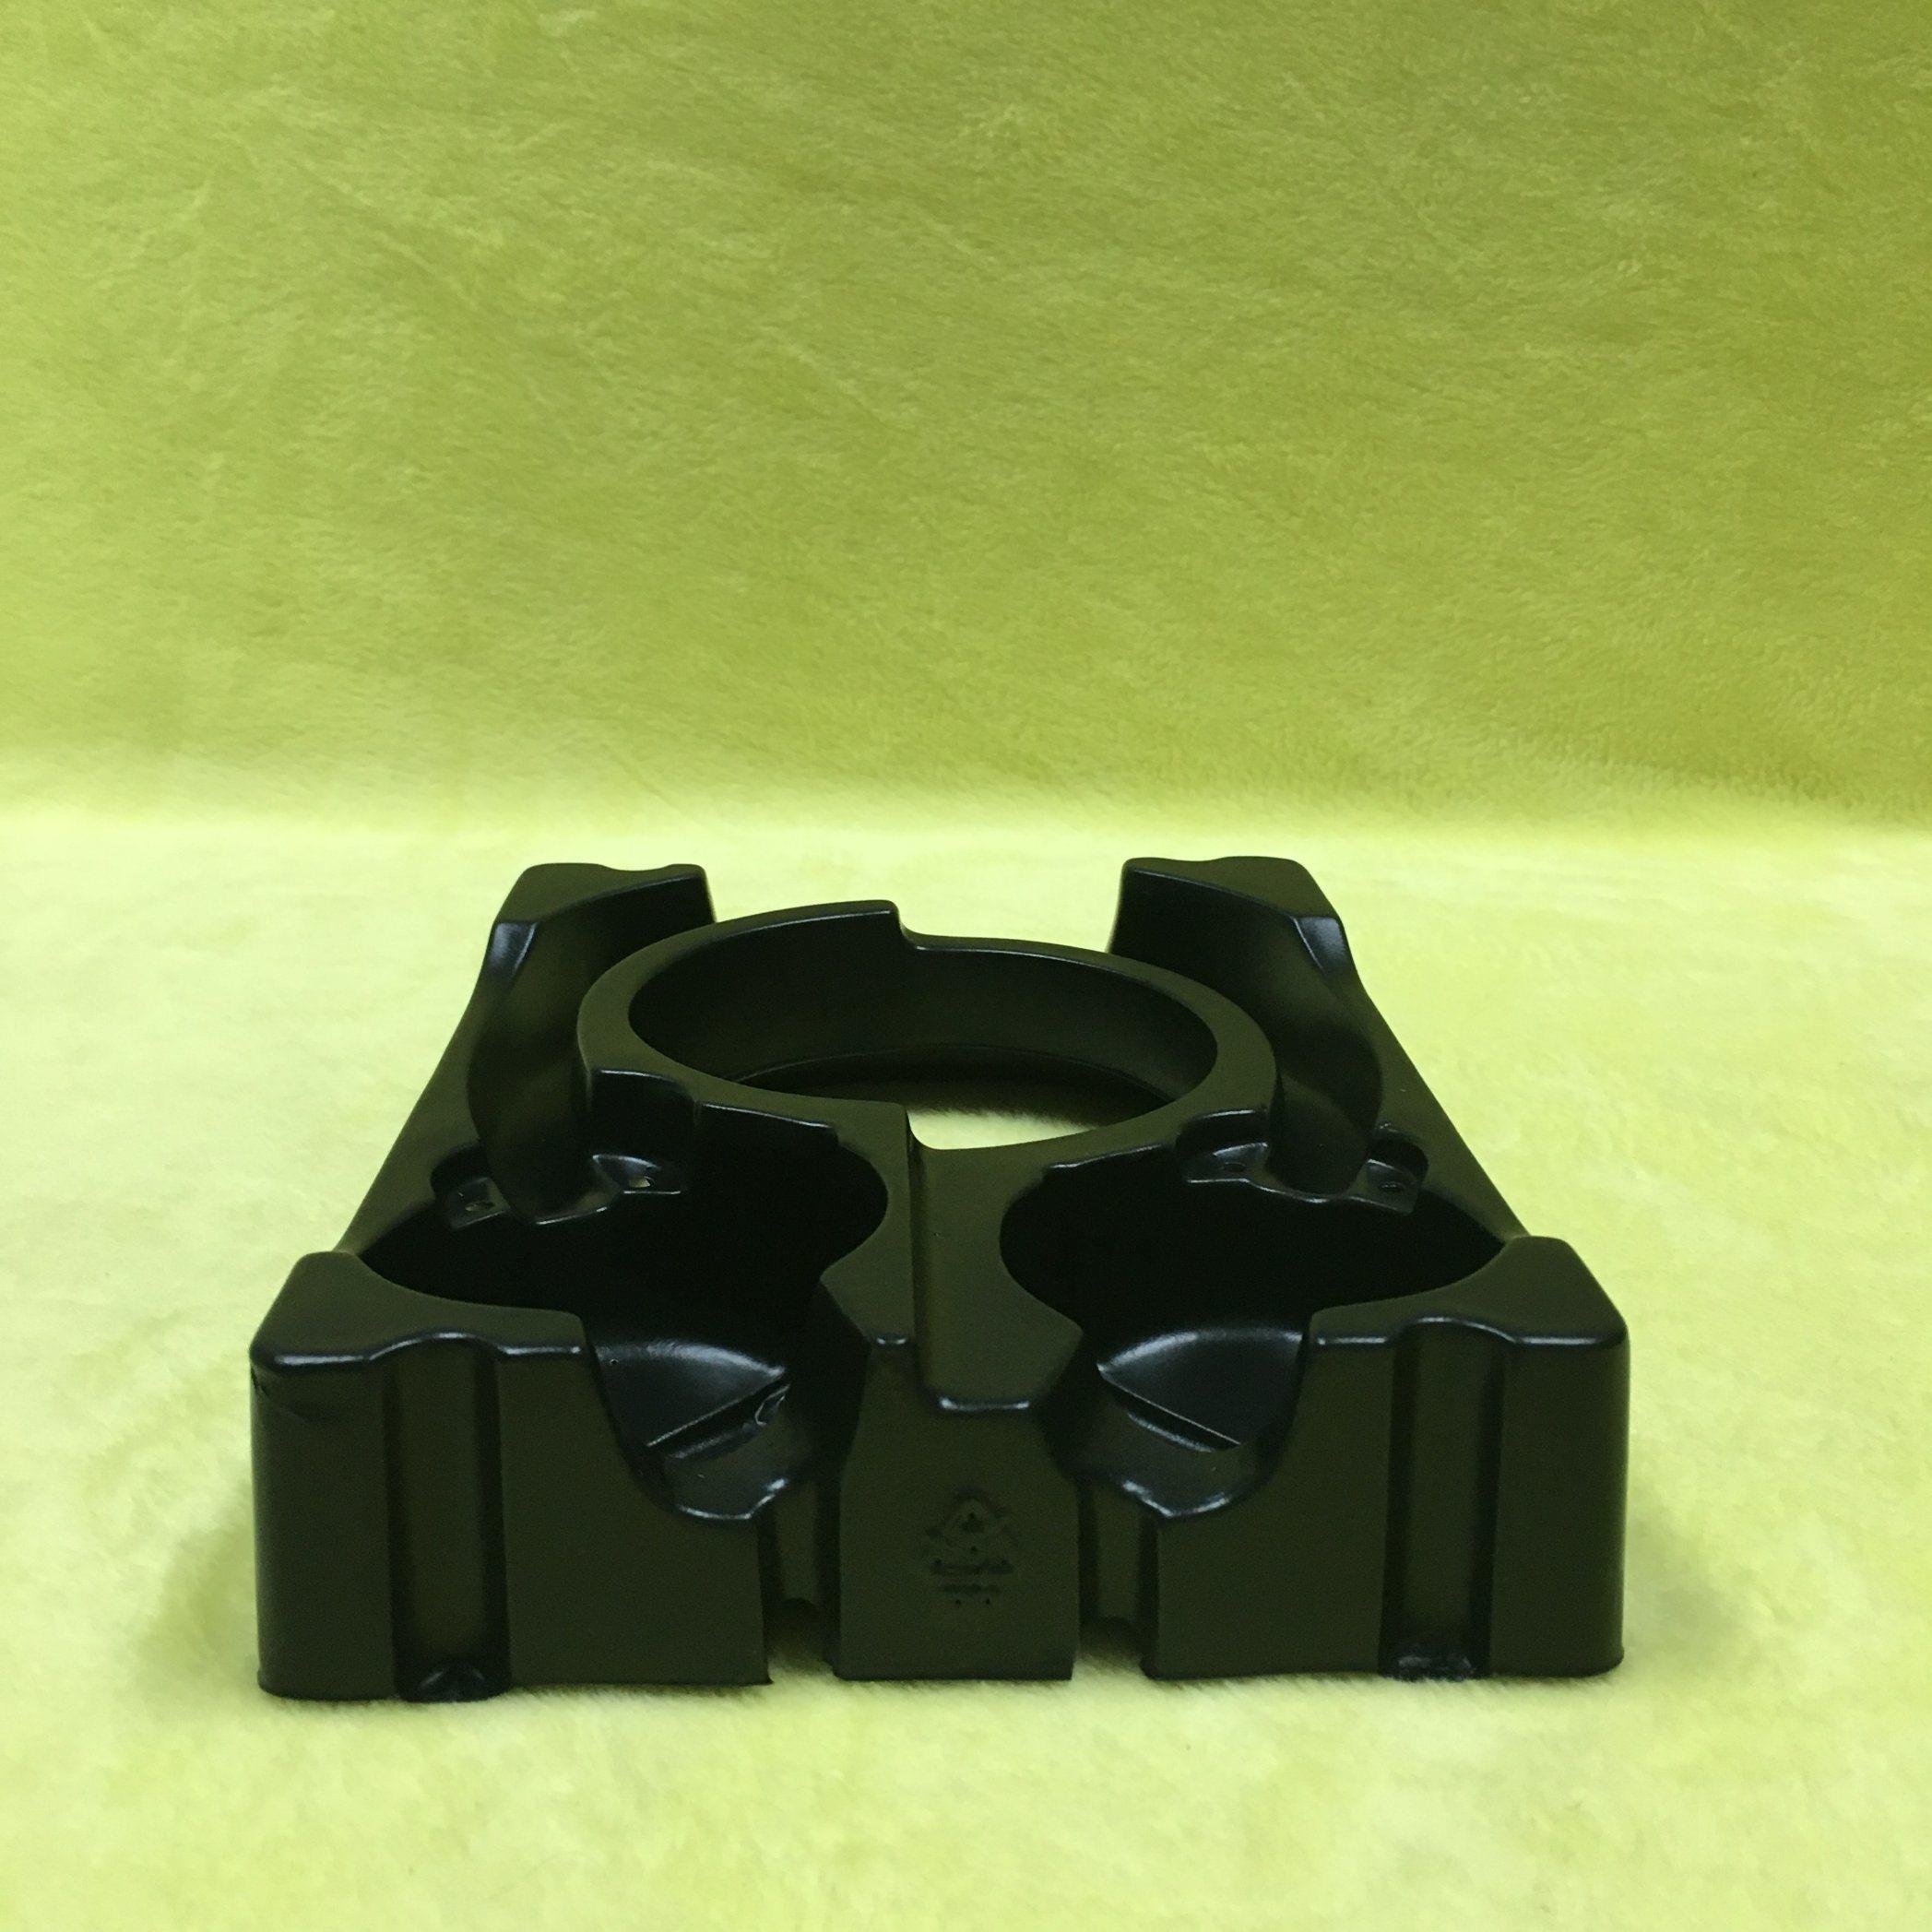 Custom PP Headset Blister Packaging Tray